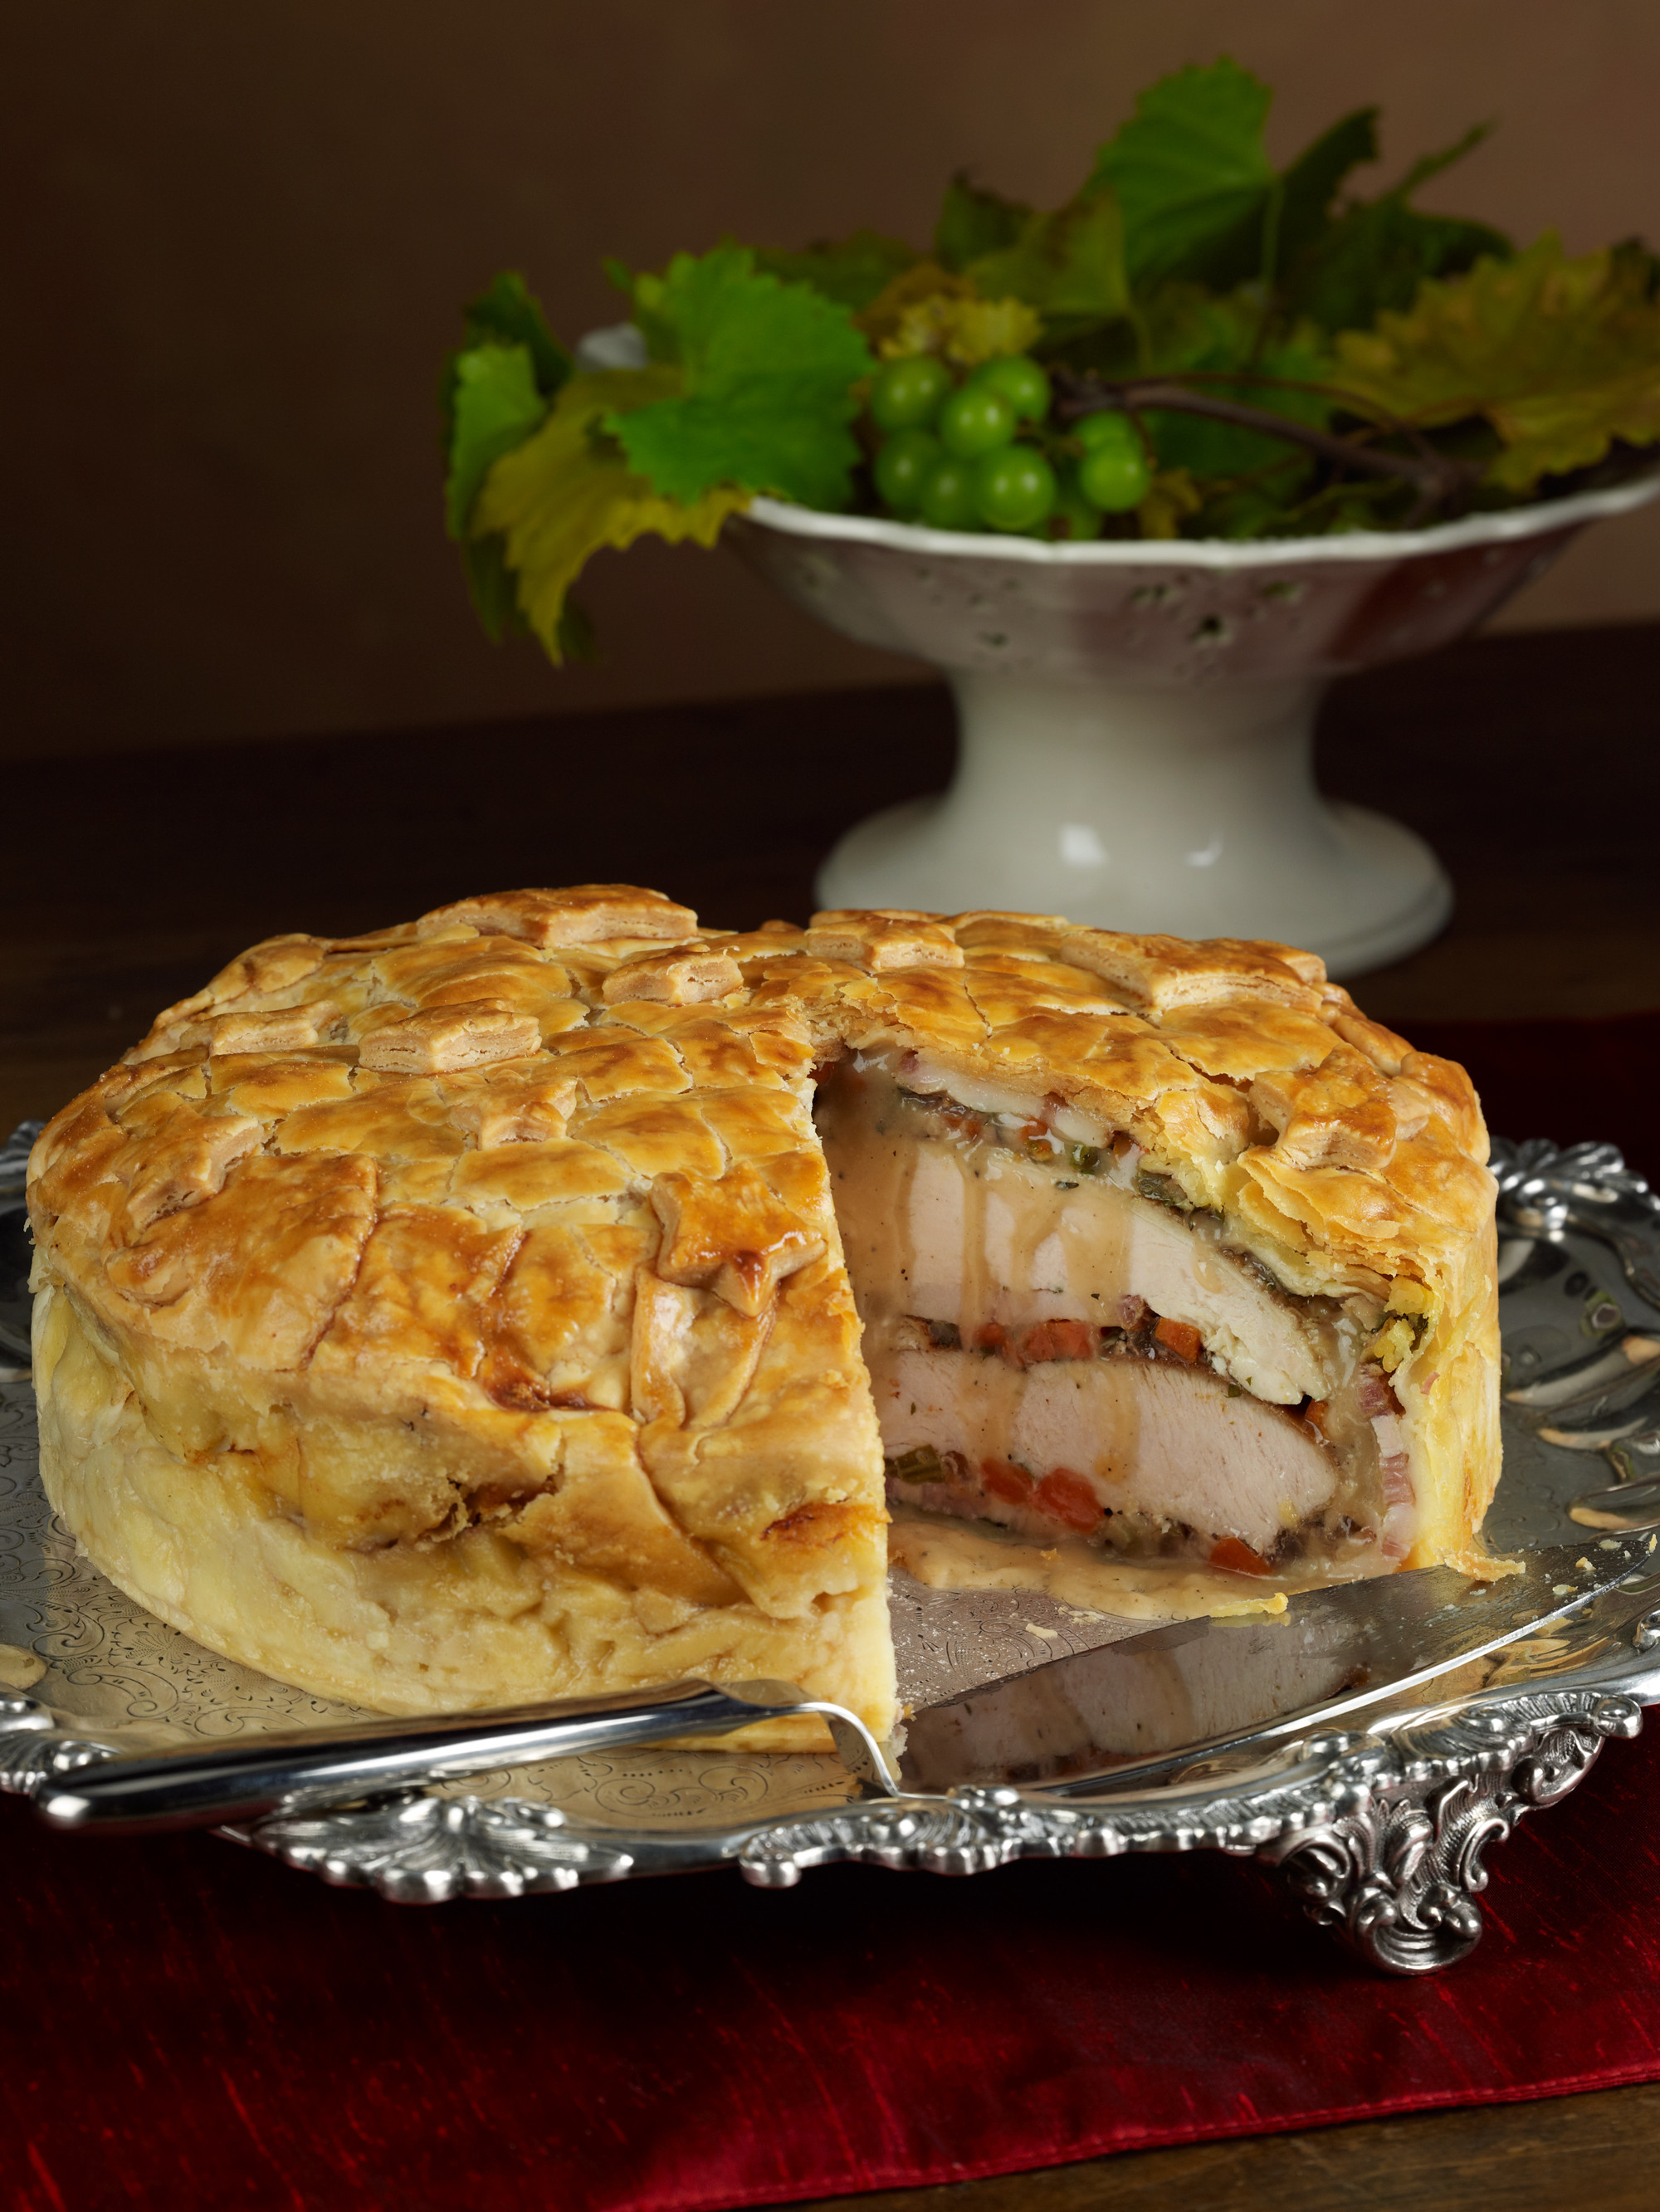 Christmas Pie Recipes  Yorkshire Christmas Pie · George Washington s Mount Vernon